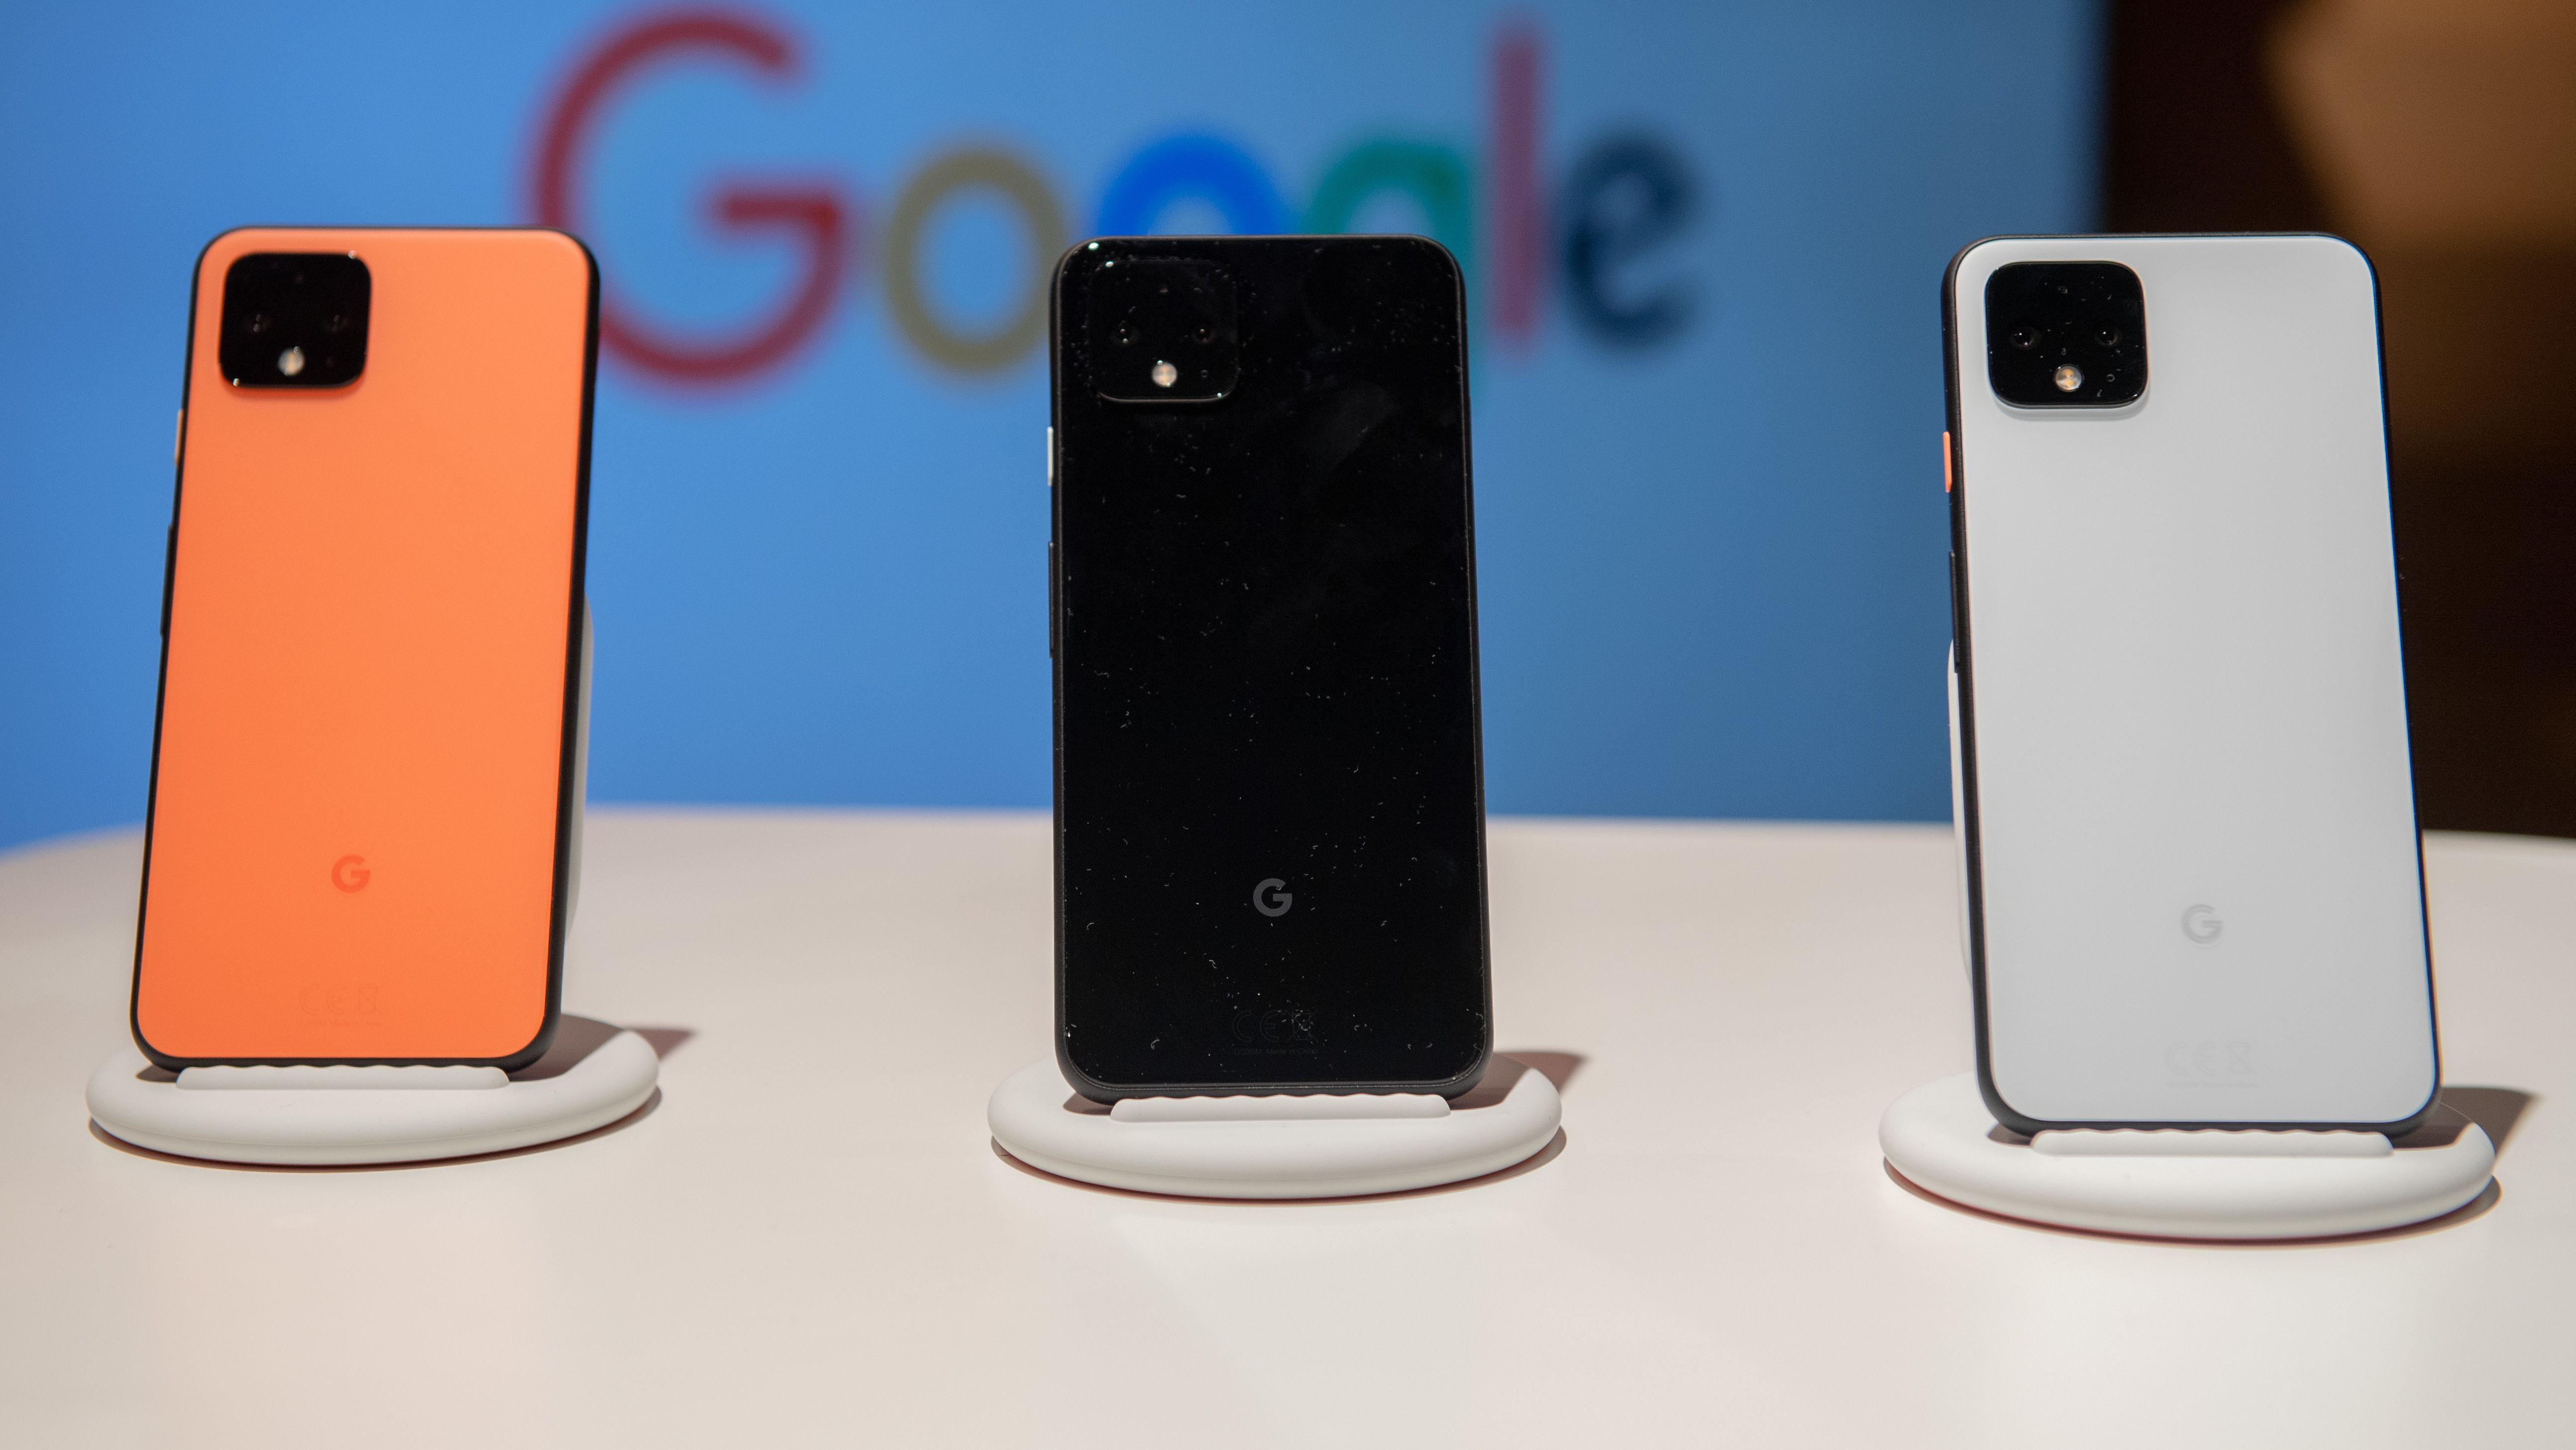 Mehrere Google-Smartphones stehen bei einer Präsentation nebeneinander.